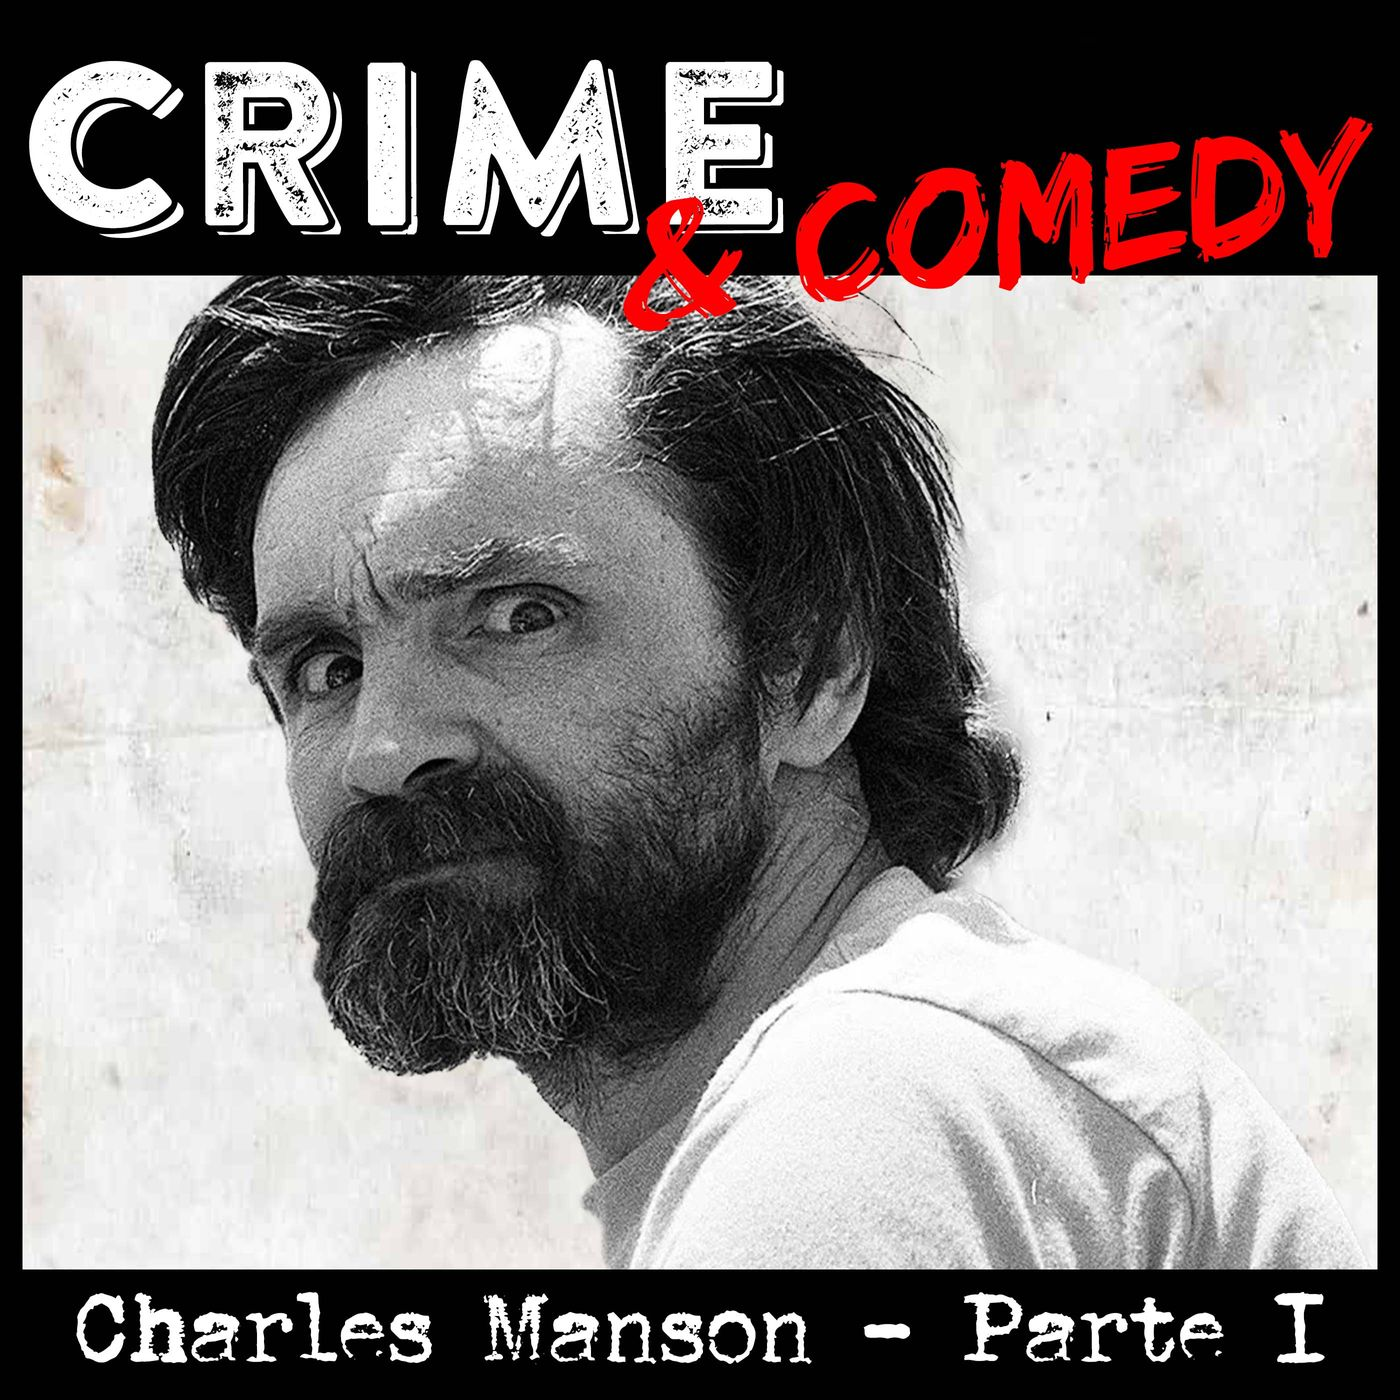 Charles Manson - Parte 1 - La Famiglia - 31